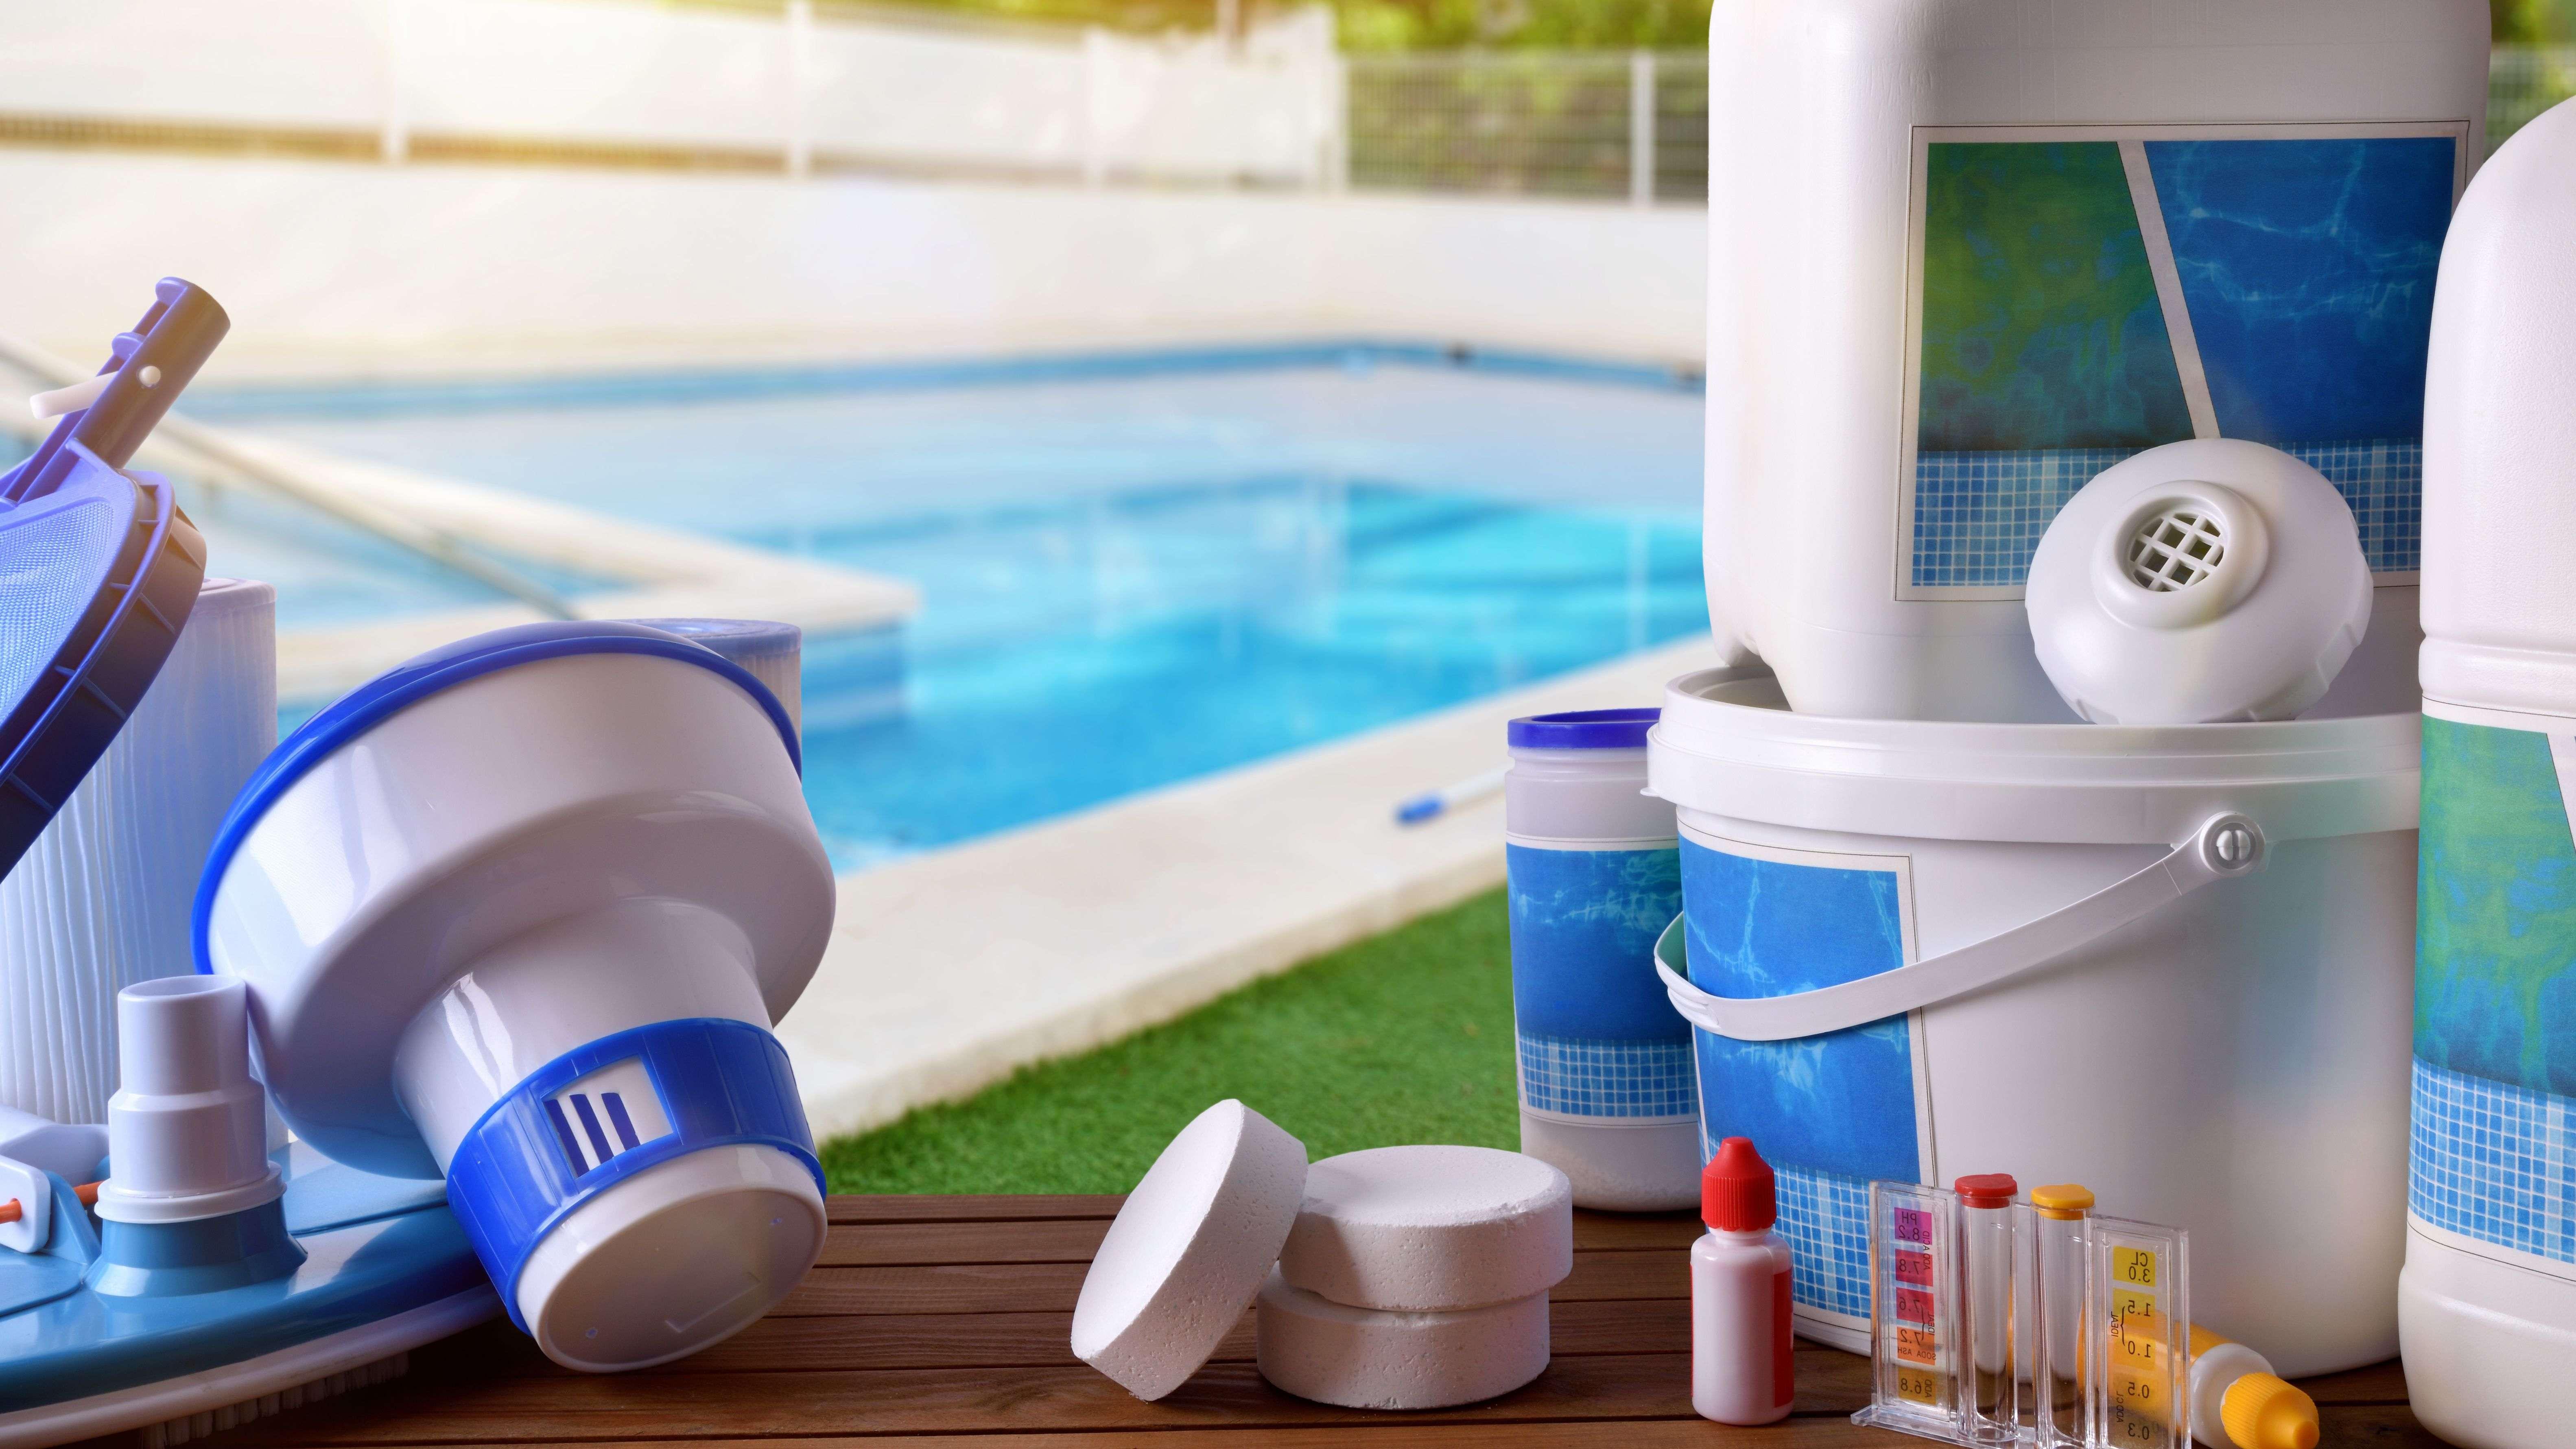 Cómo elegir productos de mantenimiento para la piscina